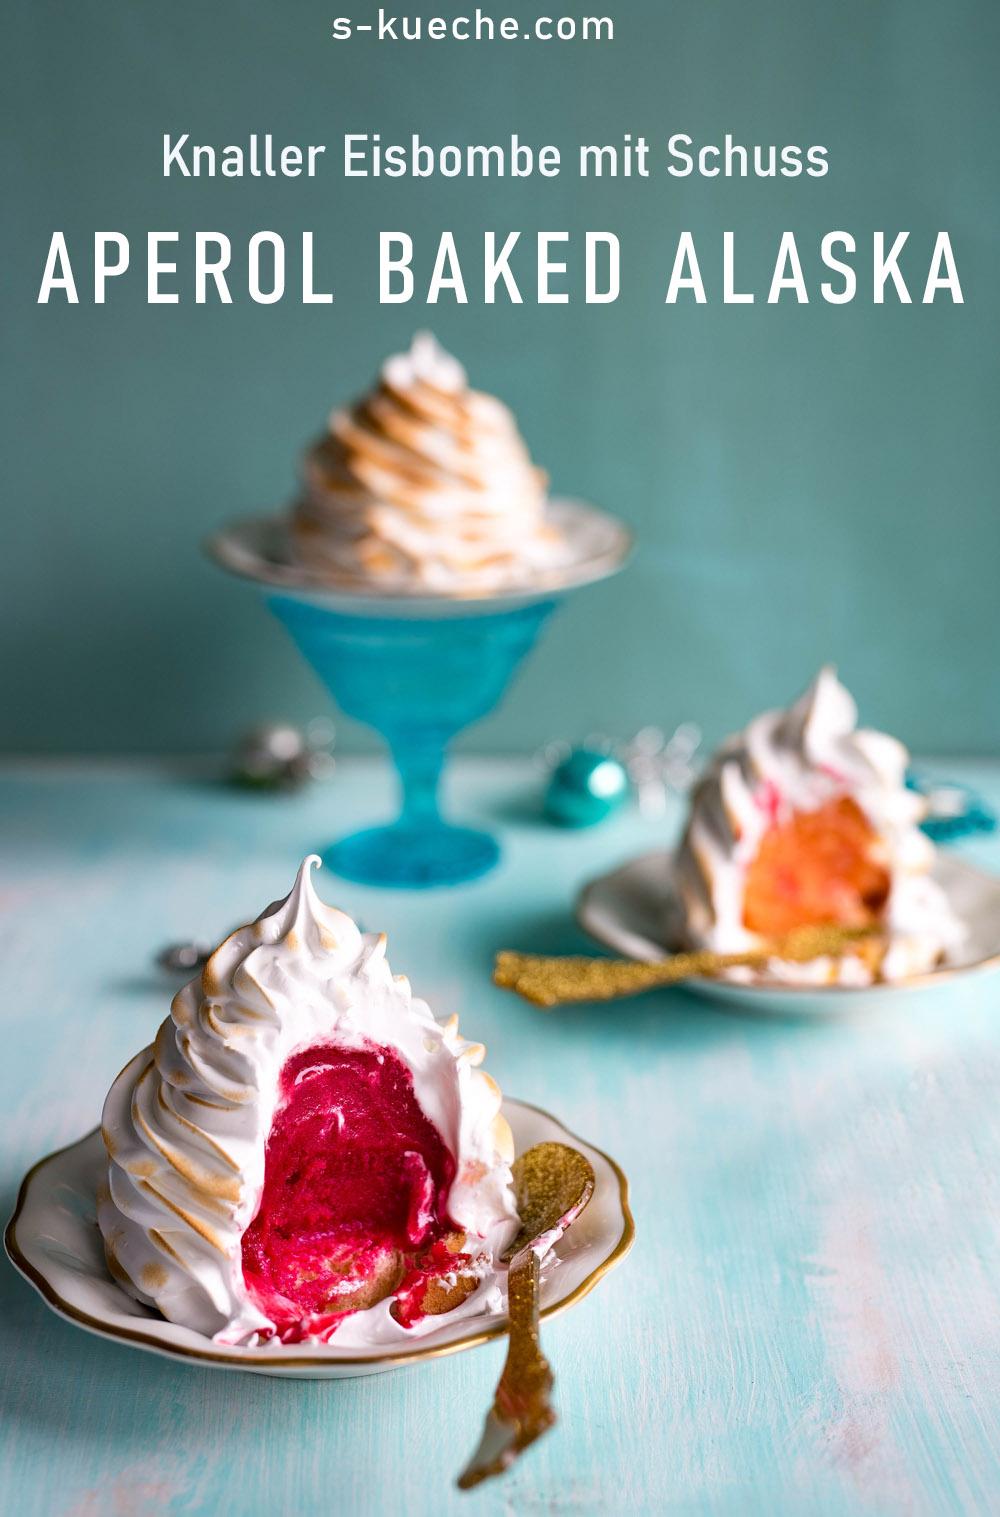 Aperol Baked Alaska -  Knaller Eisbombe mit Schuss für ganz besondere Feste. Eisbombe mit  Baiserhaube, festliches Sorbet mit geflämmtem Baiser #bakedalaska #eisbombe #sorbet #dessert #weihnachten